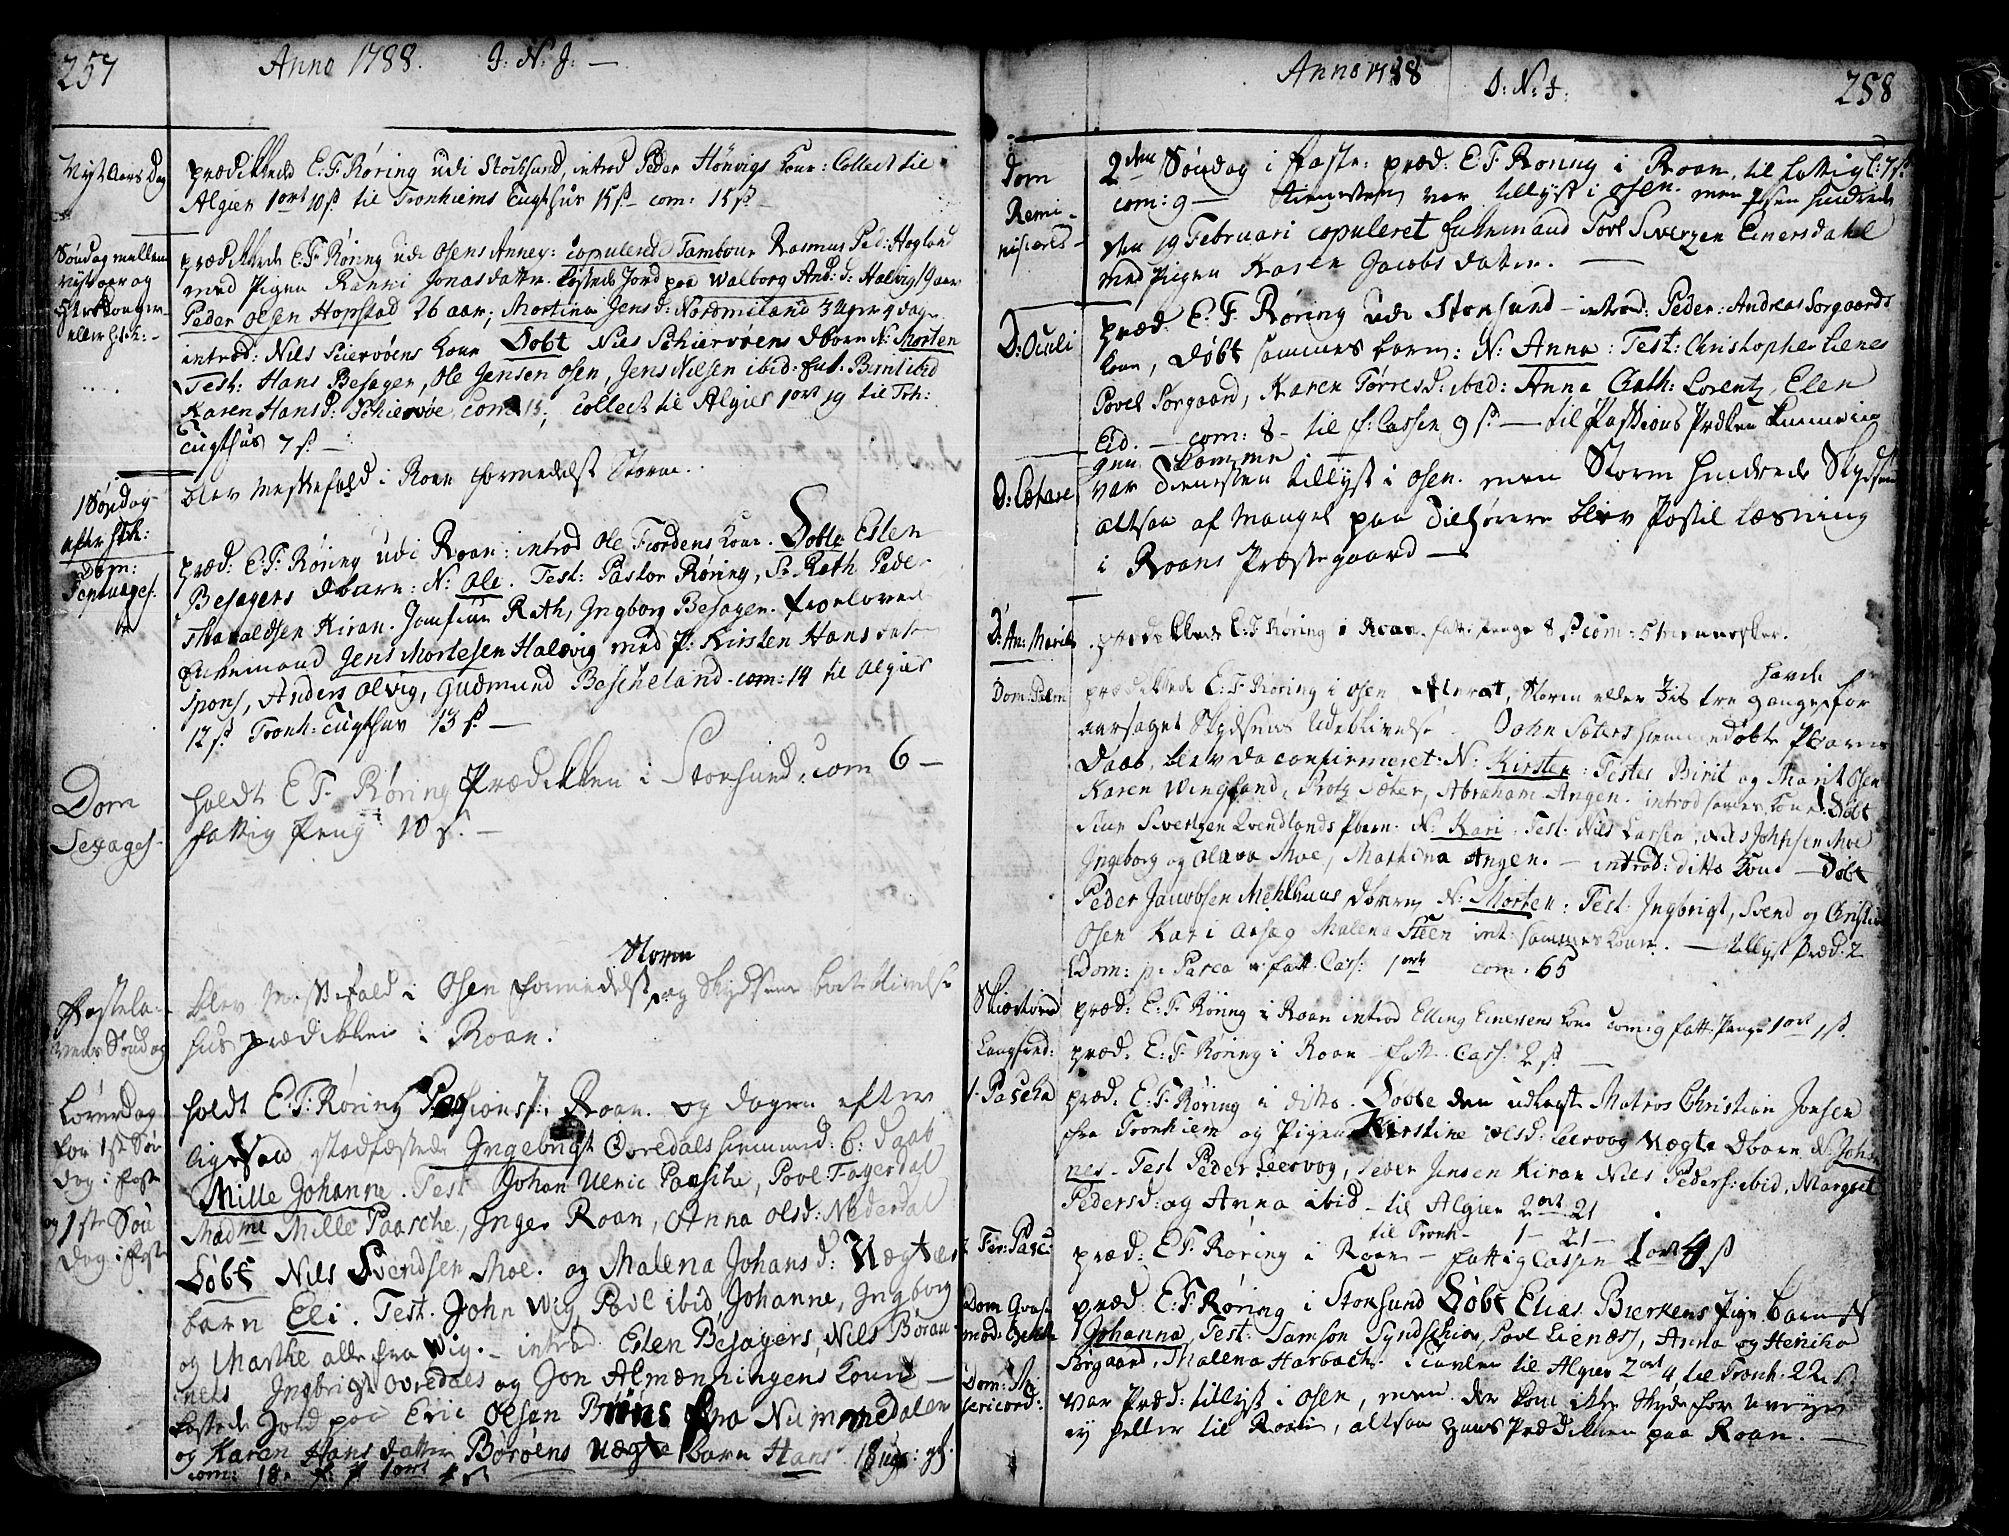 SAT, Ministerialprotokoller, klokkerbøker og fødselsregistre - Sør-Trøndelag, 657/L0700: Ministerialbok nr. 657A01, 1732-1801, s. 357-358